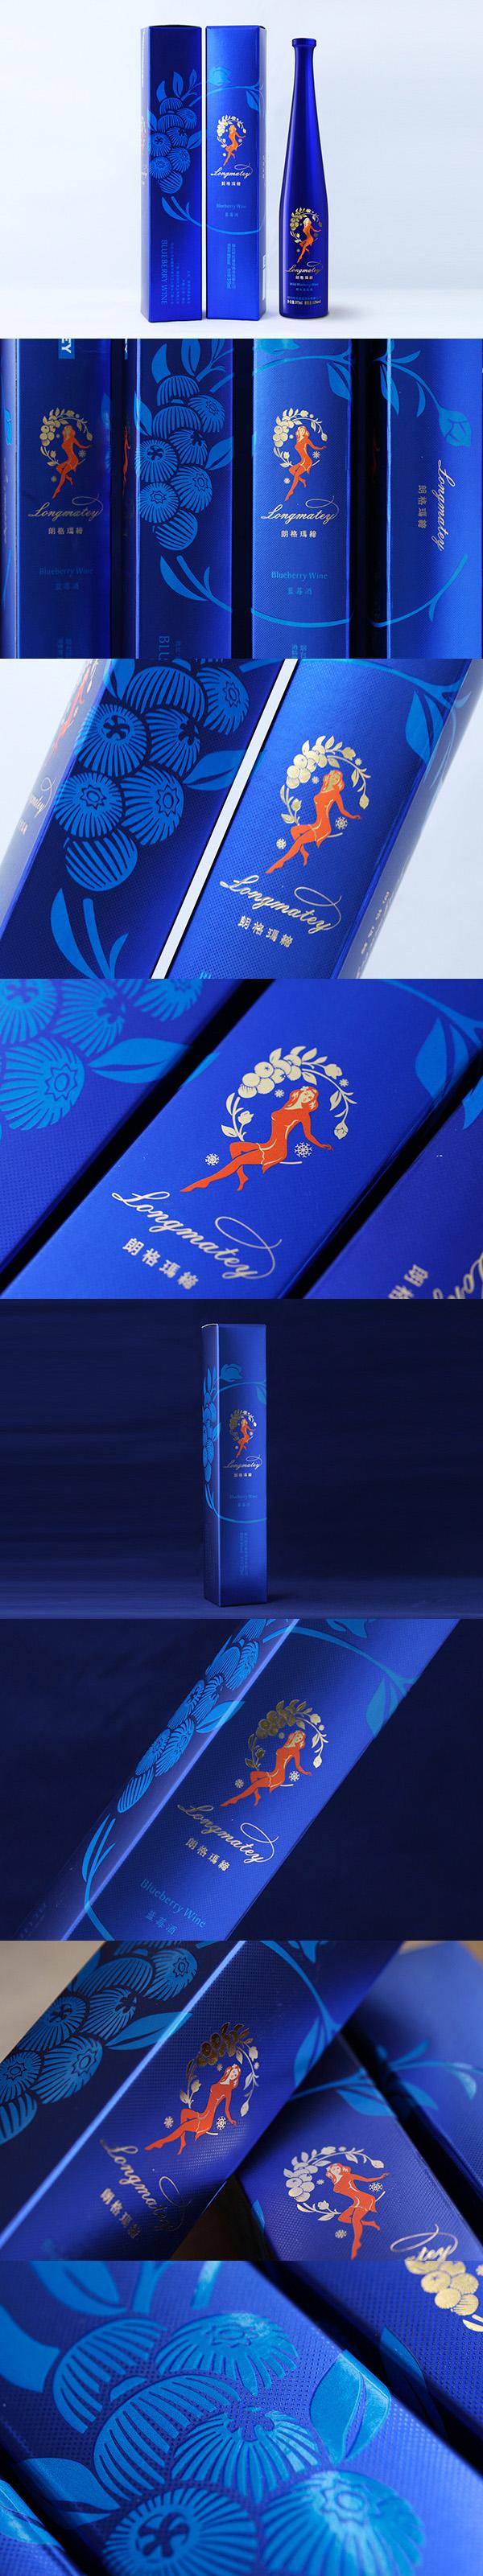 朗格马蒂蓝莓酒包装设计